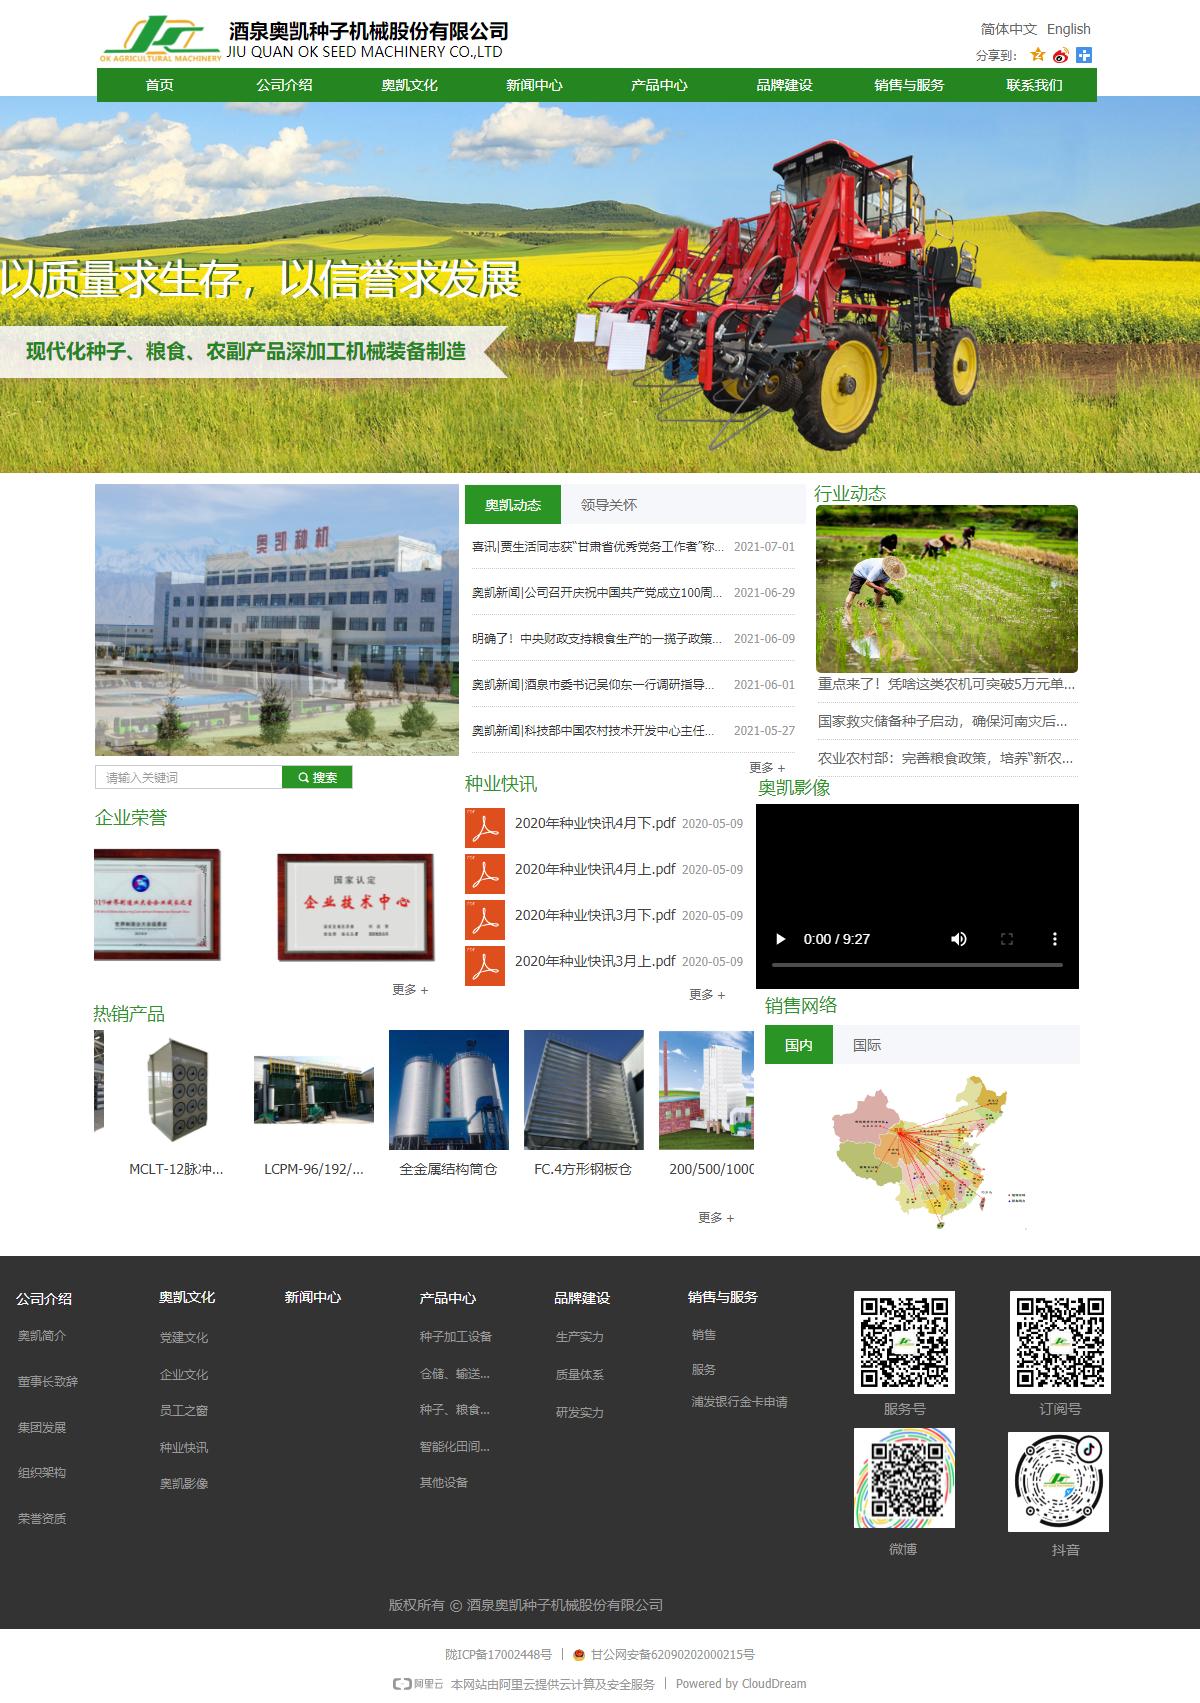 酒泉奥凯种子机械股份有限公司网站案例